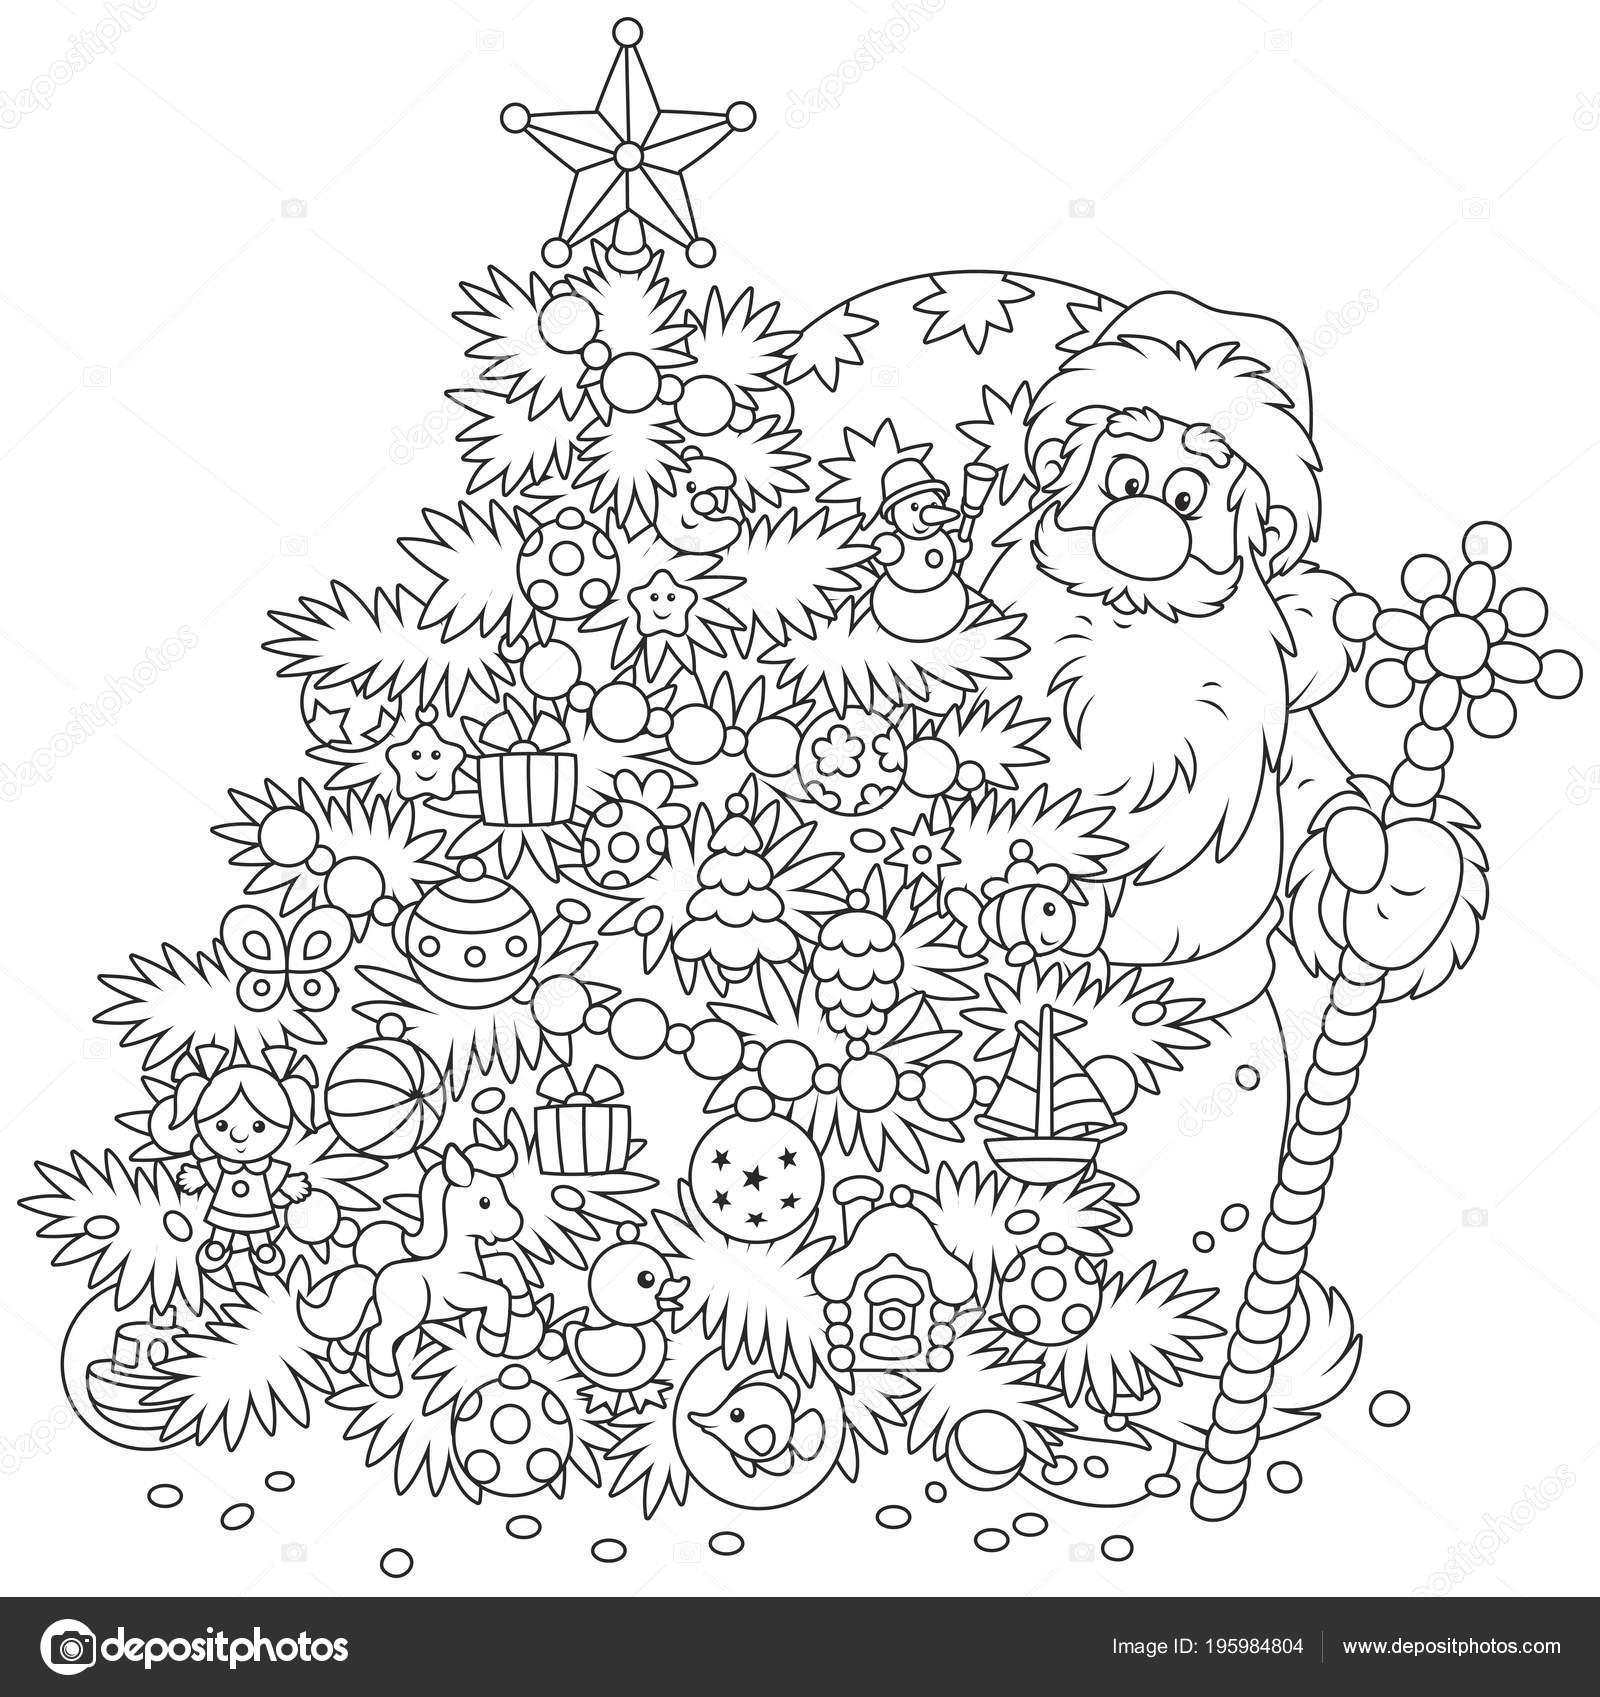 Immagini Di Babbo Natale In Bianco E Nero.Babbo Natale Con Suo Sacchetto Del Regalo Bastone Magico Che